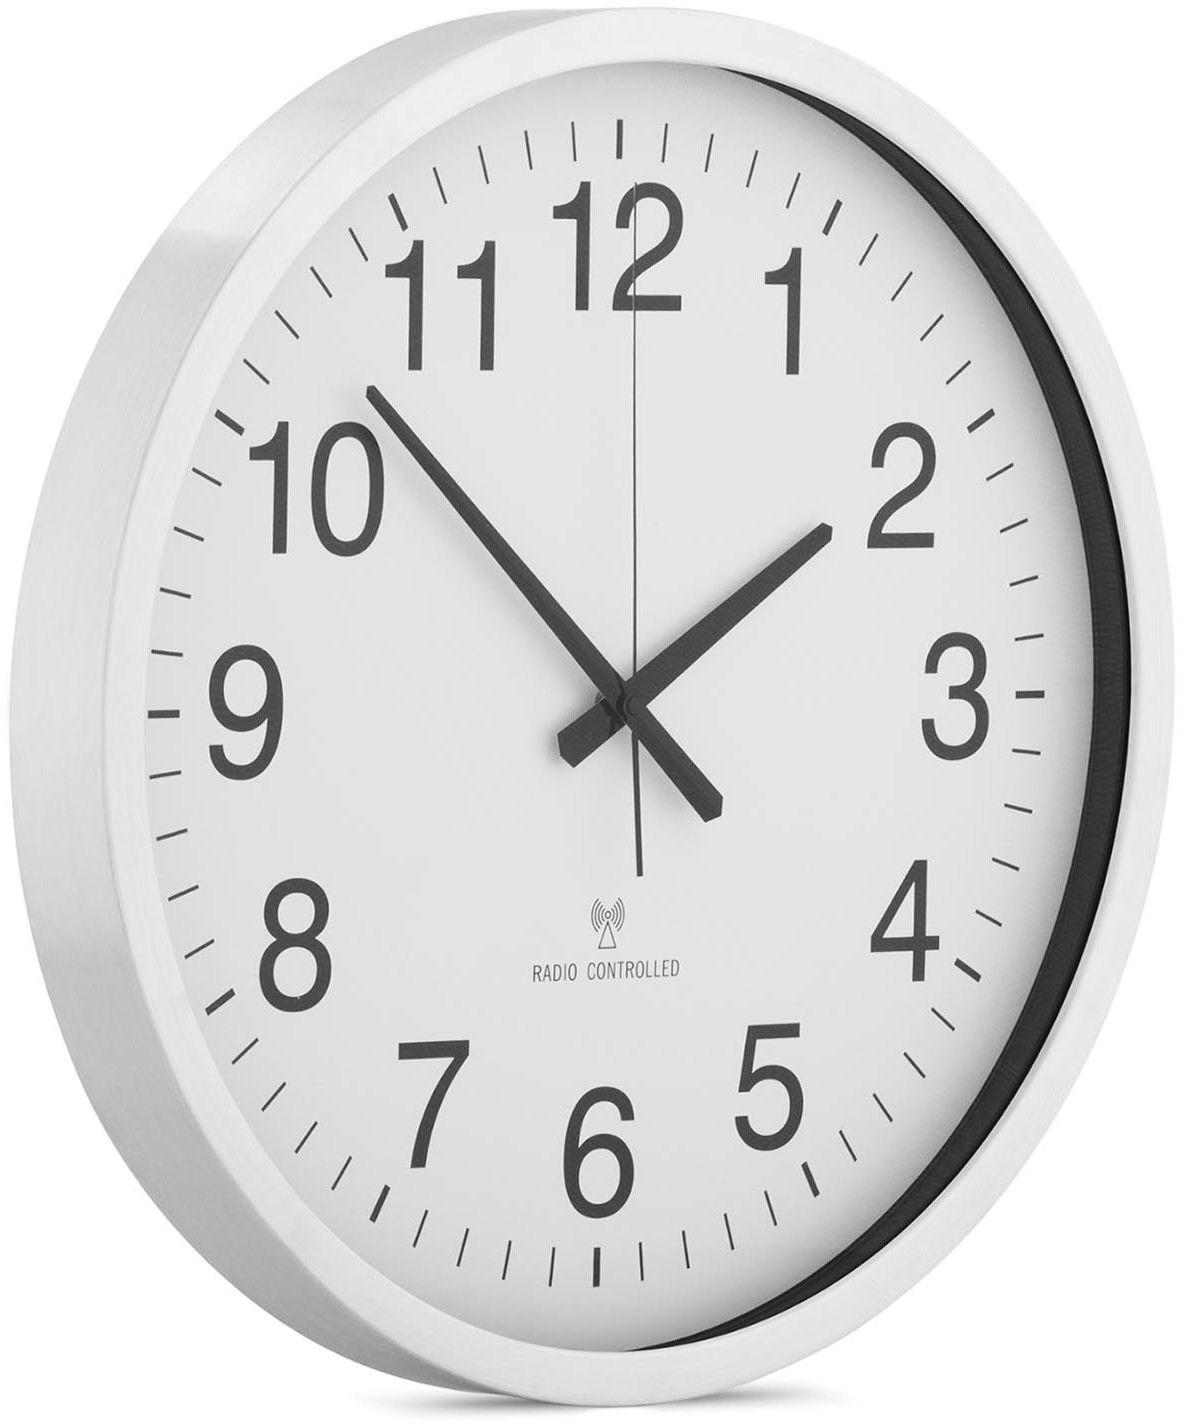 Zegar ścienny - 50 cm - Uniprodo - UNI_CLOCK_01 - 3 lata gwarancji/wysyłka w 24h